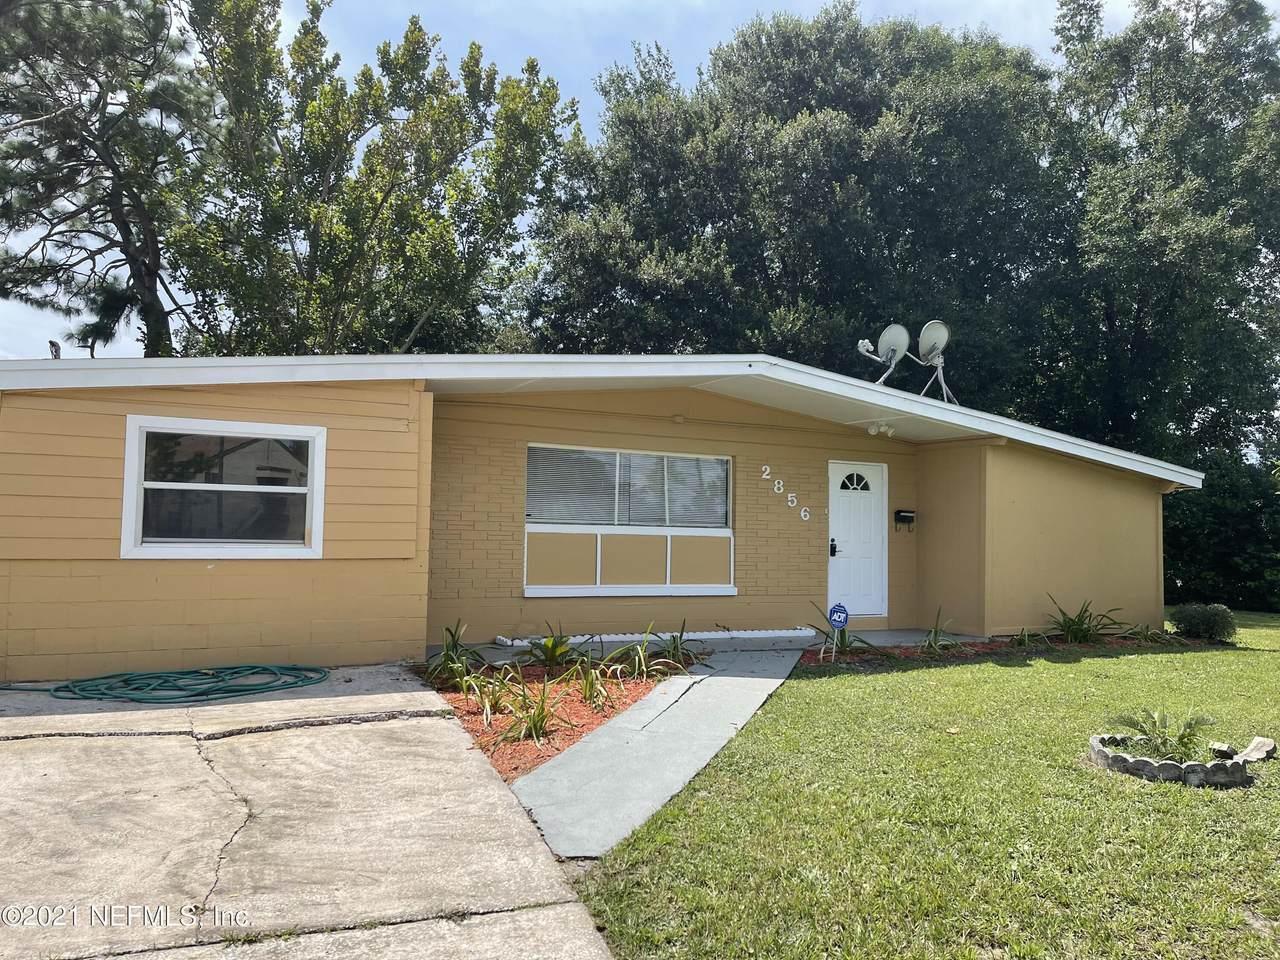 2856 Beachwood Blvd - Photo 1